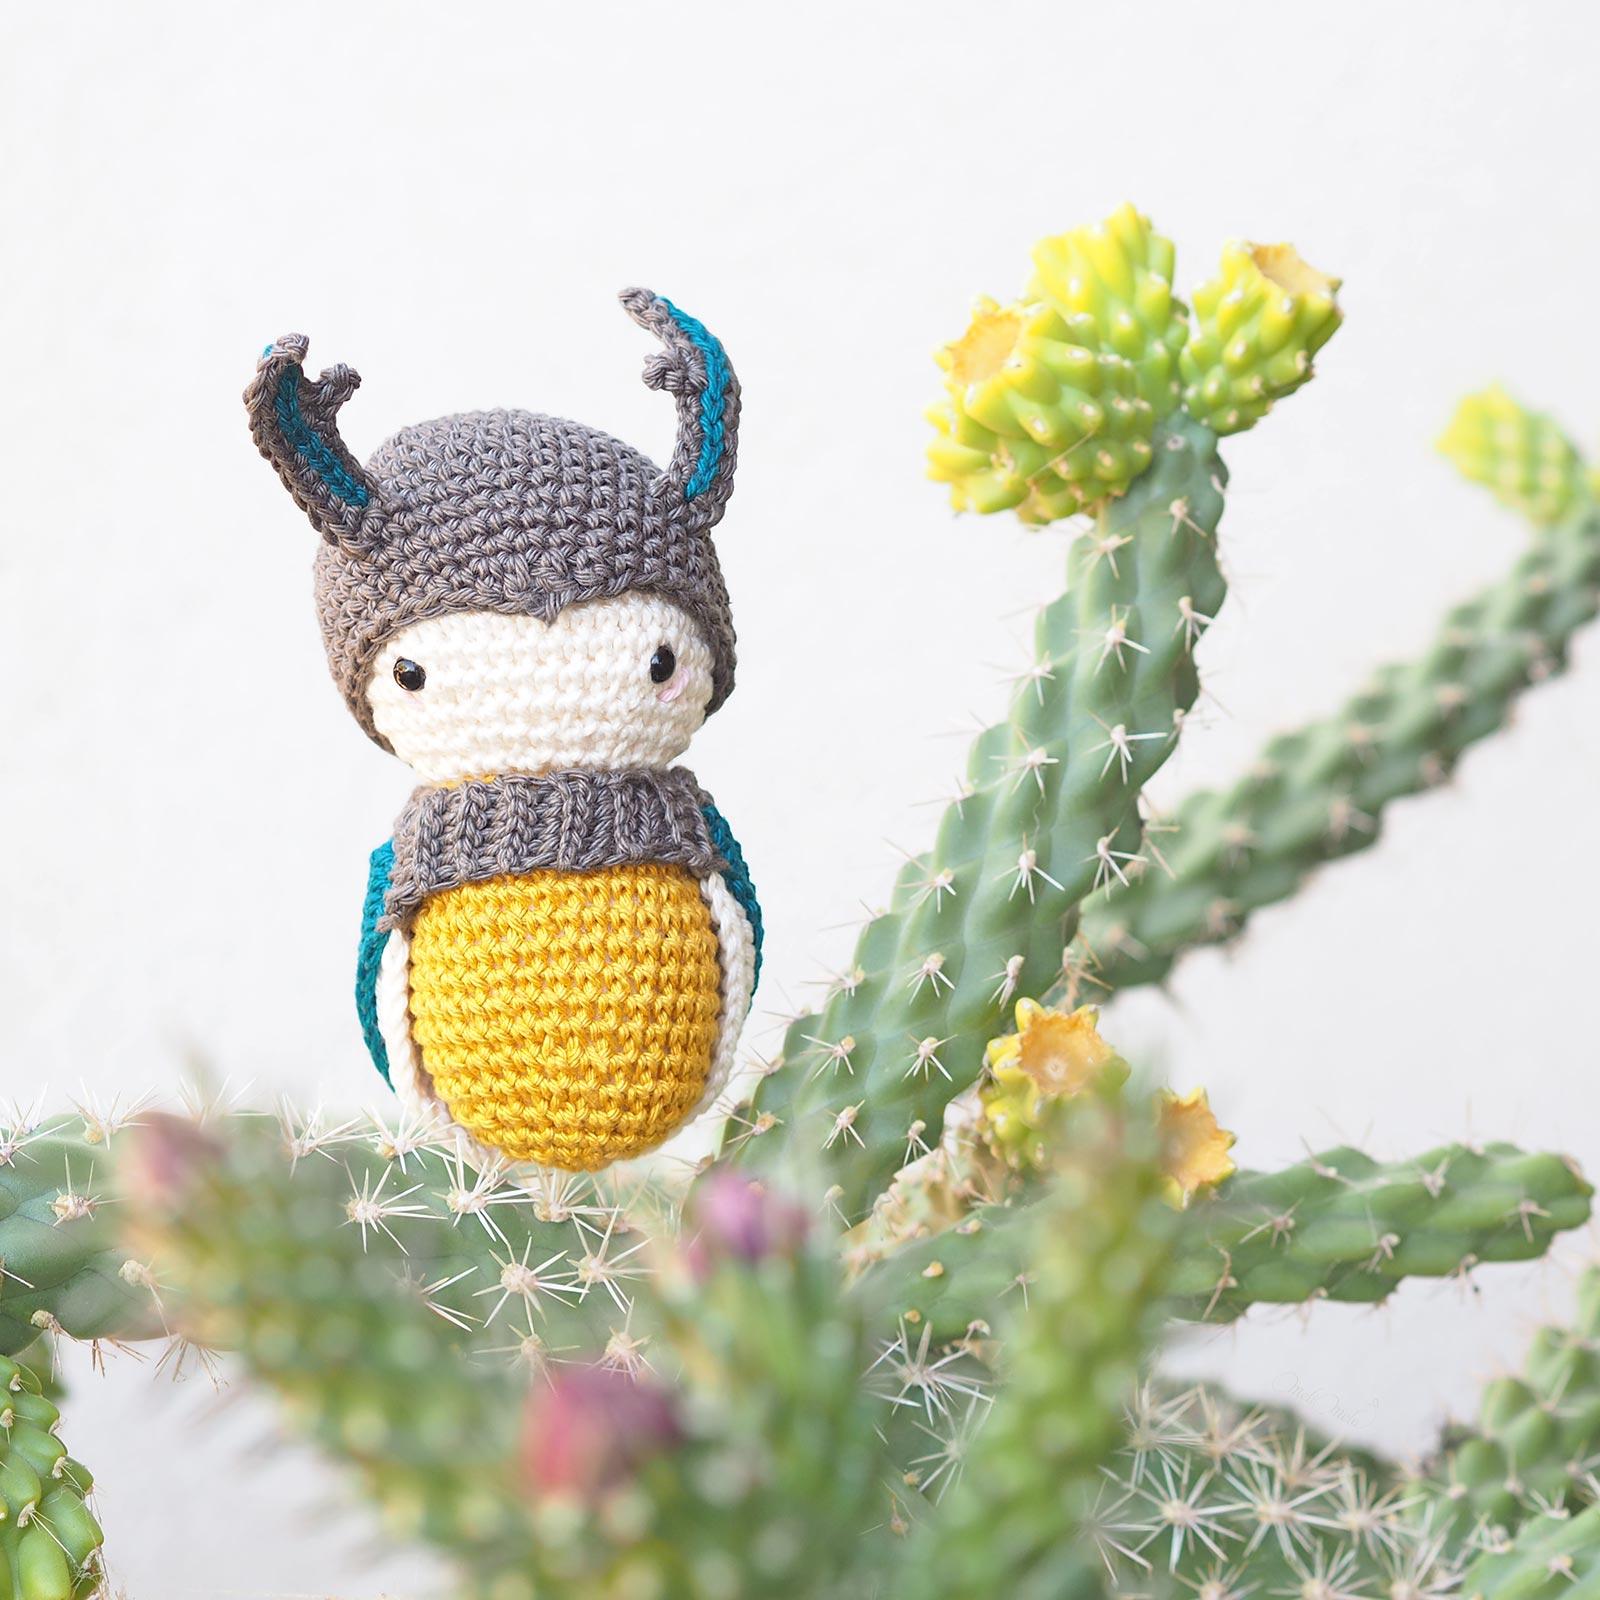 scarabée amigurumi crochet beetle Laylala cactus fleurs cylindropuntia imbricata laboutiquedemelimelo